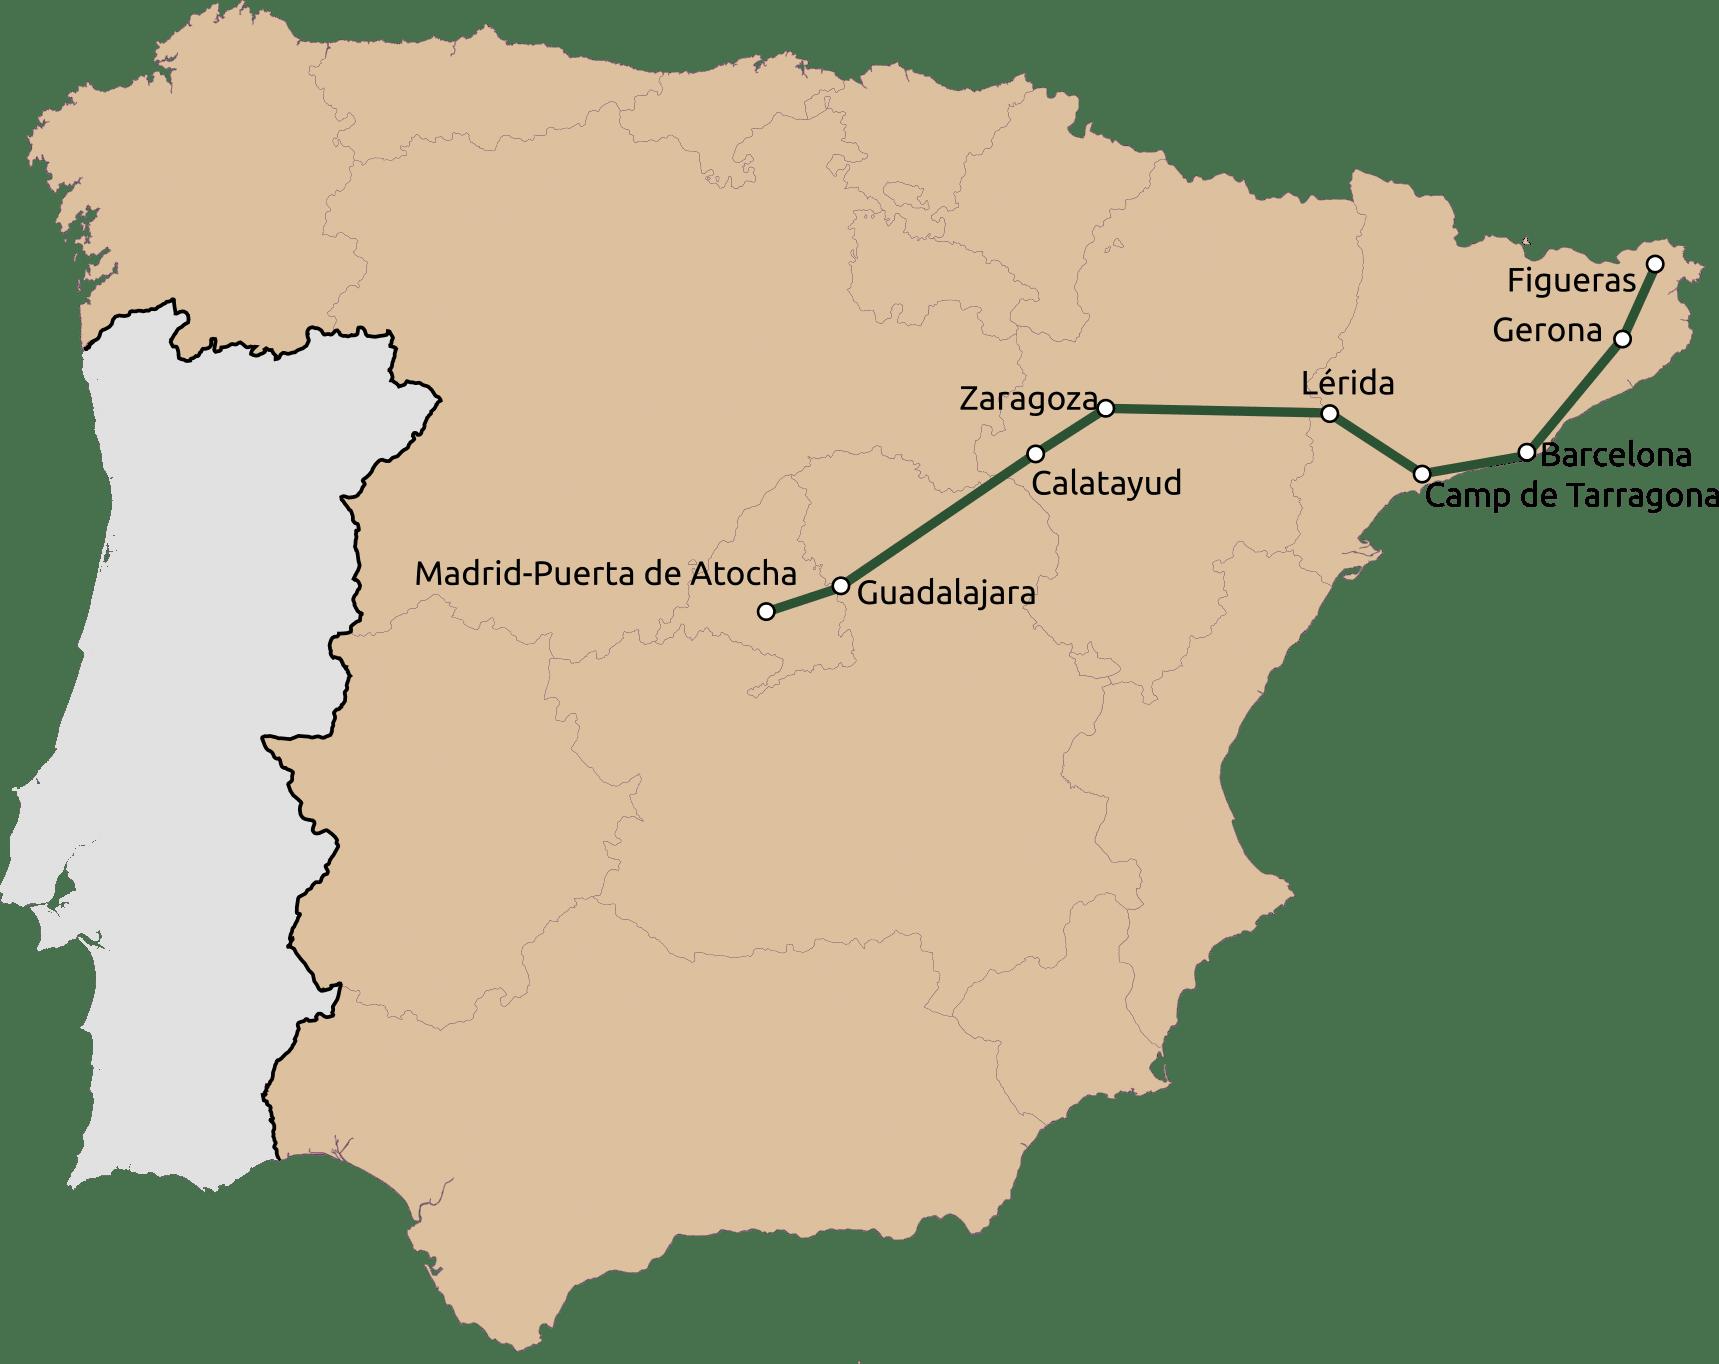 Mapa de la red Avlo